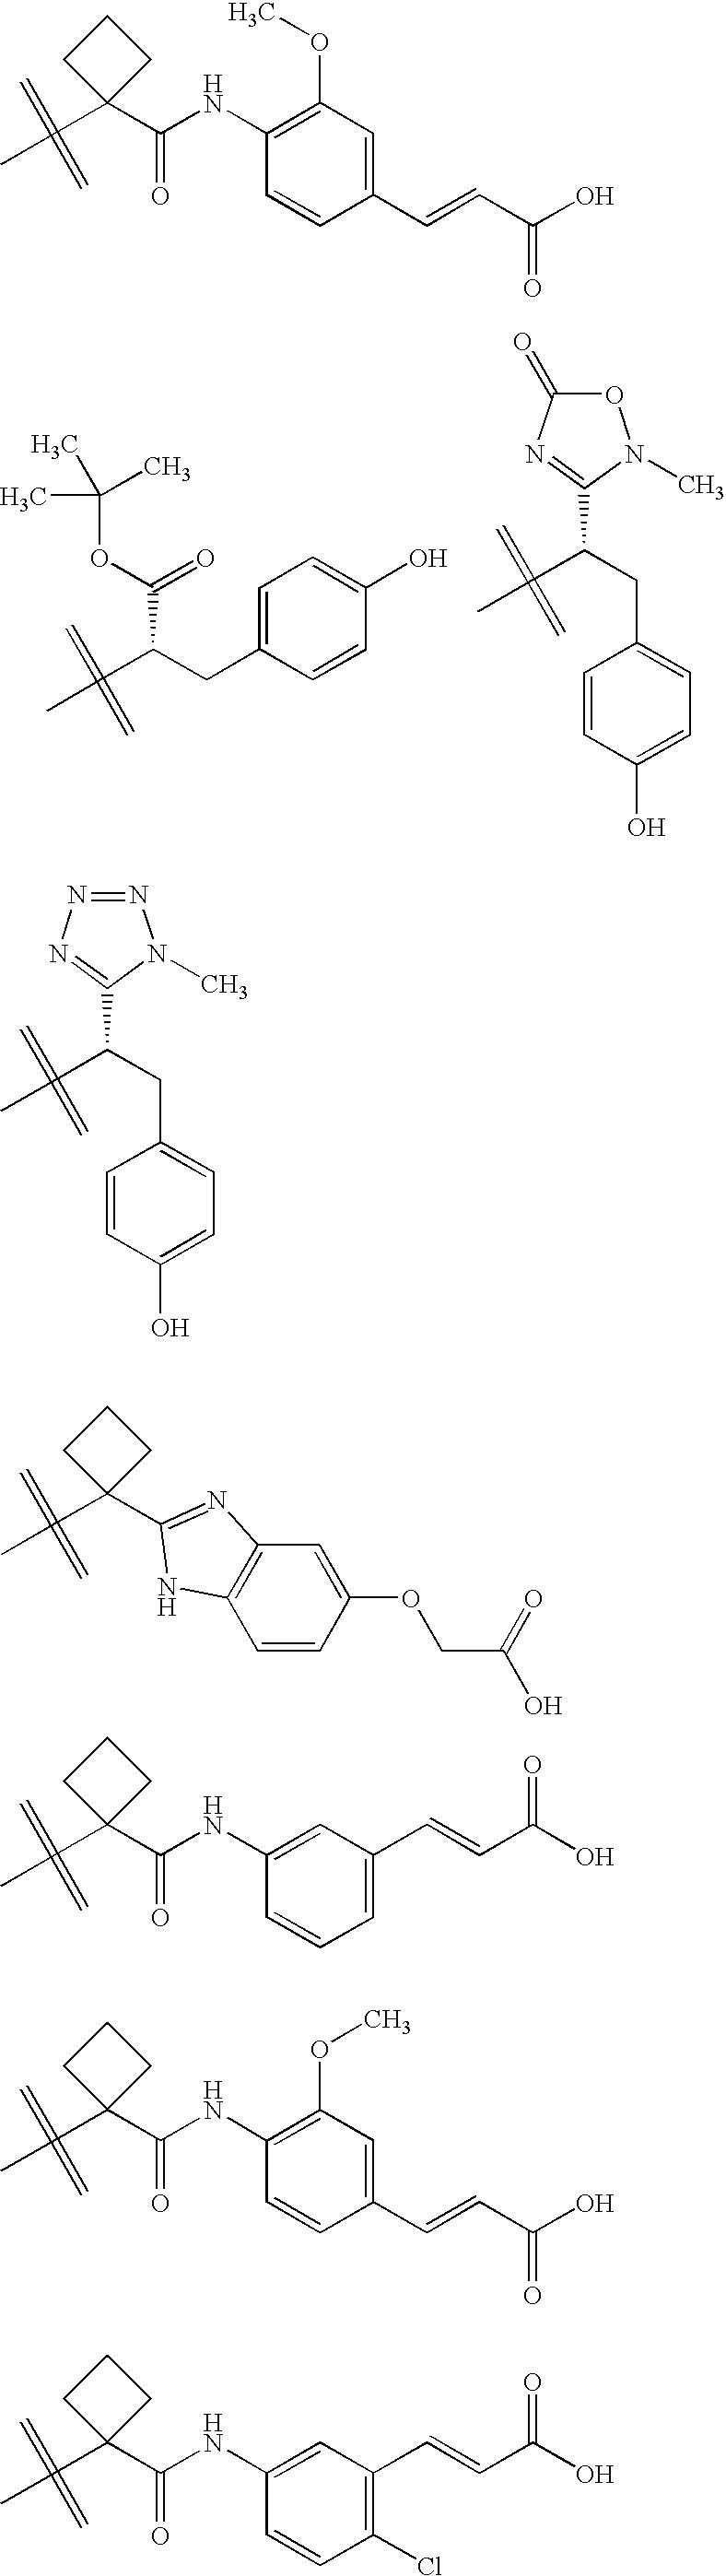 Figure US20070049593A1-20070301-C00198